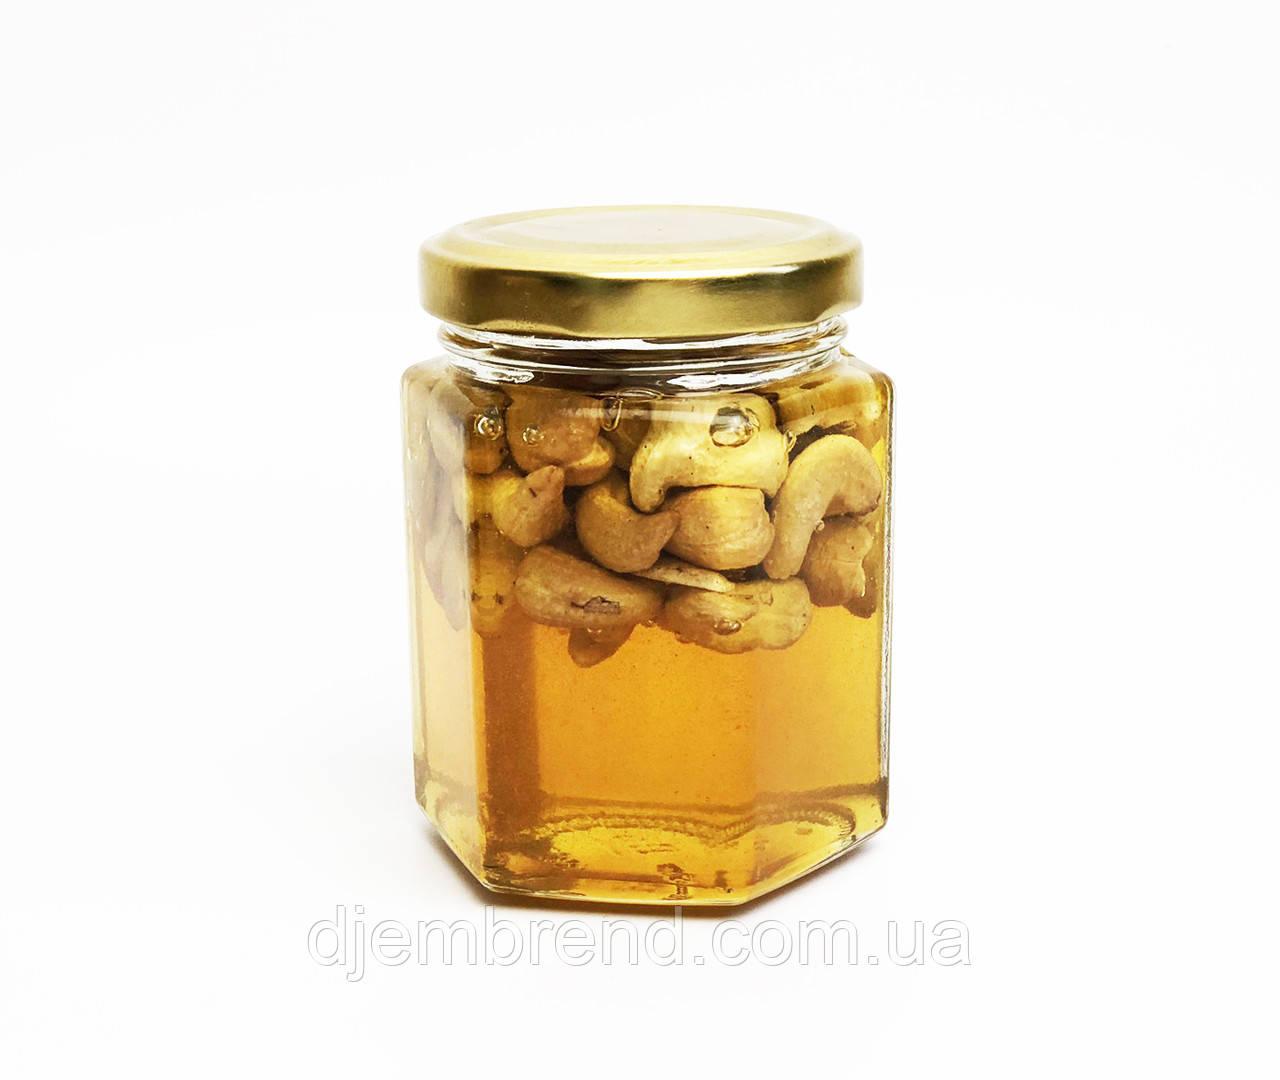 Мёд с кешью, 230 гр. (190 г - мед, 40 г - орехи)